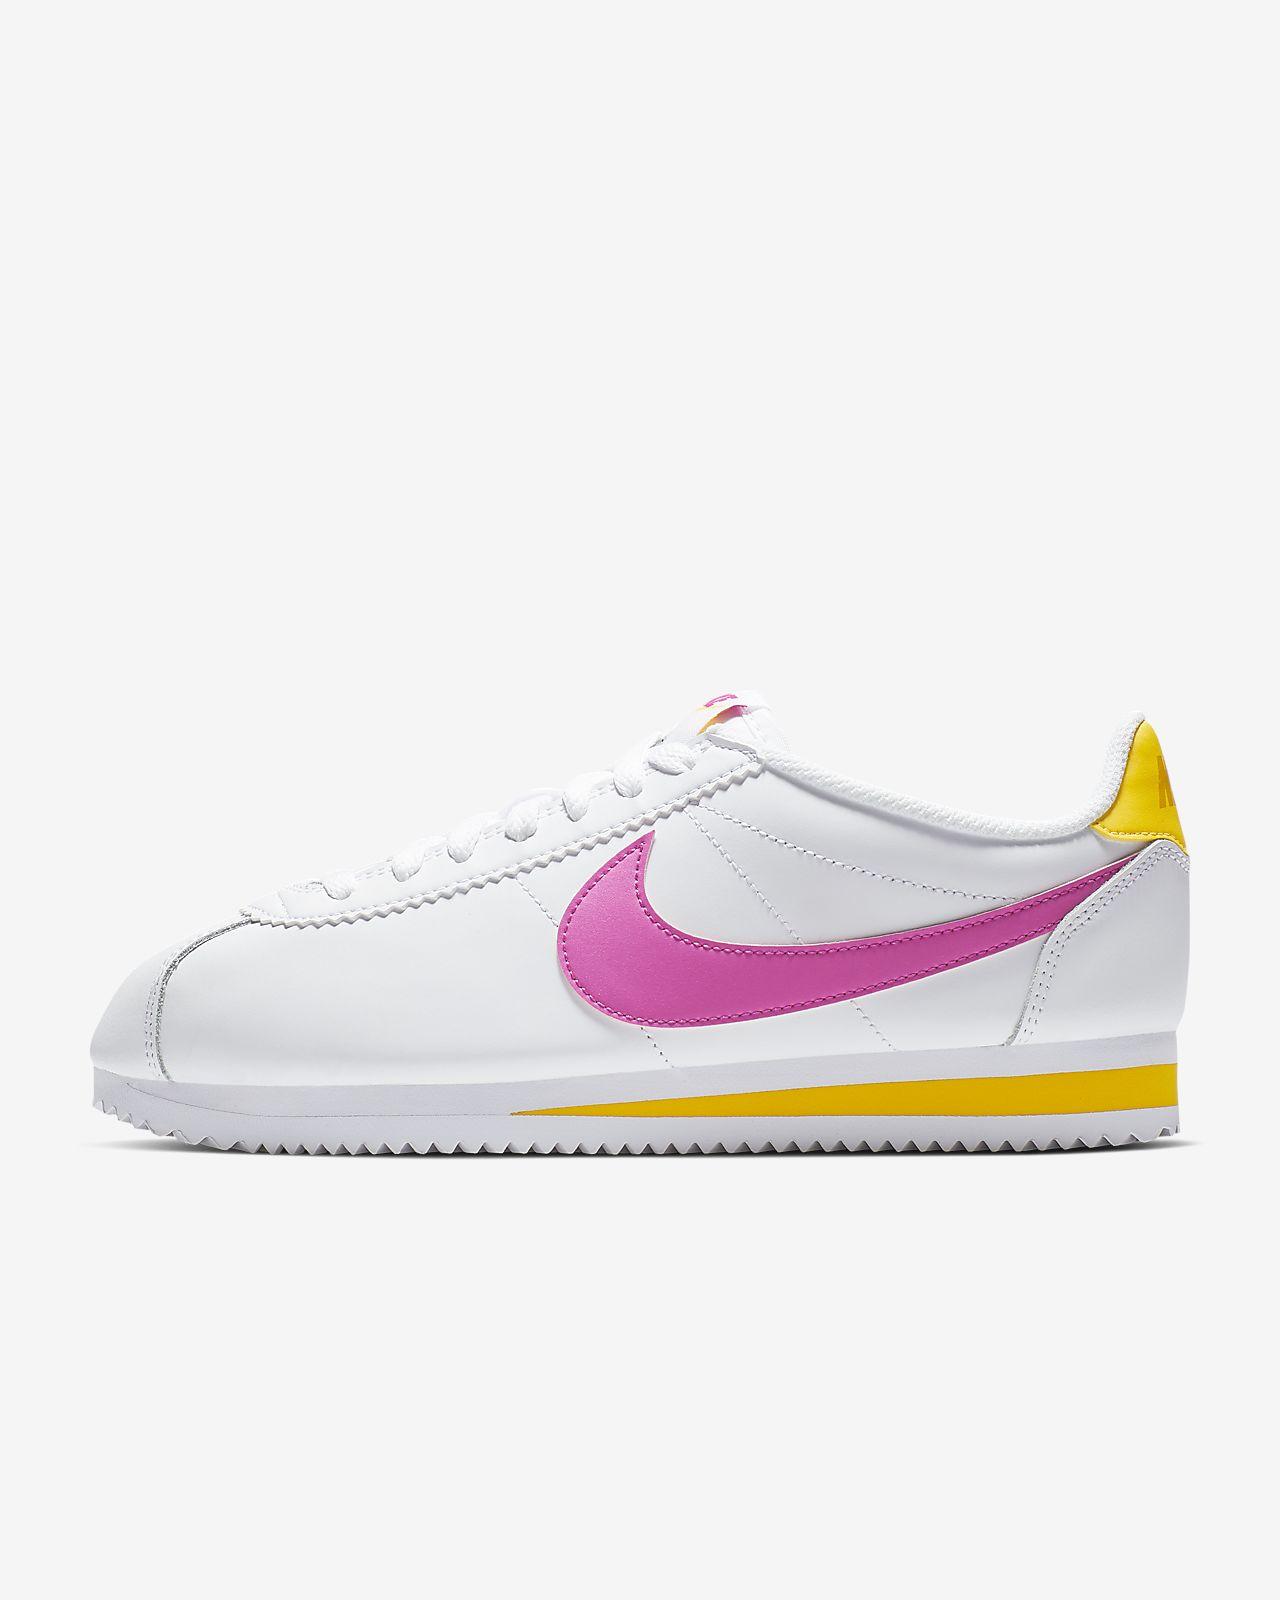 07249f91260541 Buty damskie Nike Classic Cortez. Nike.com PL